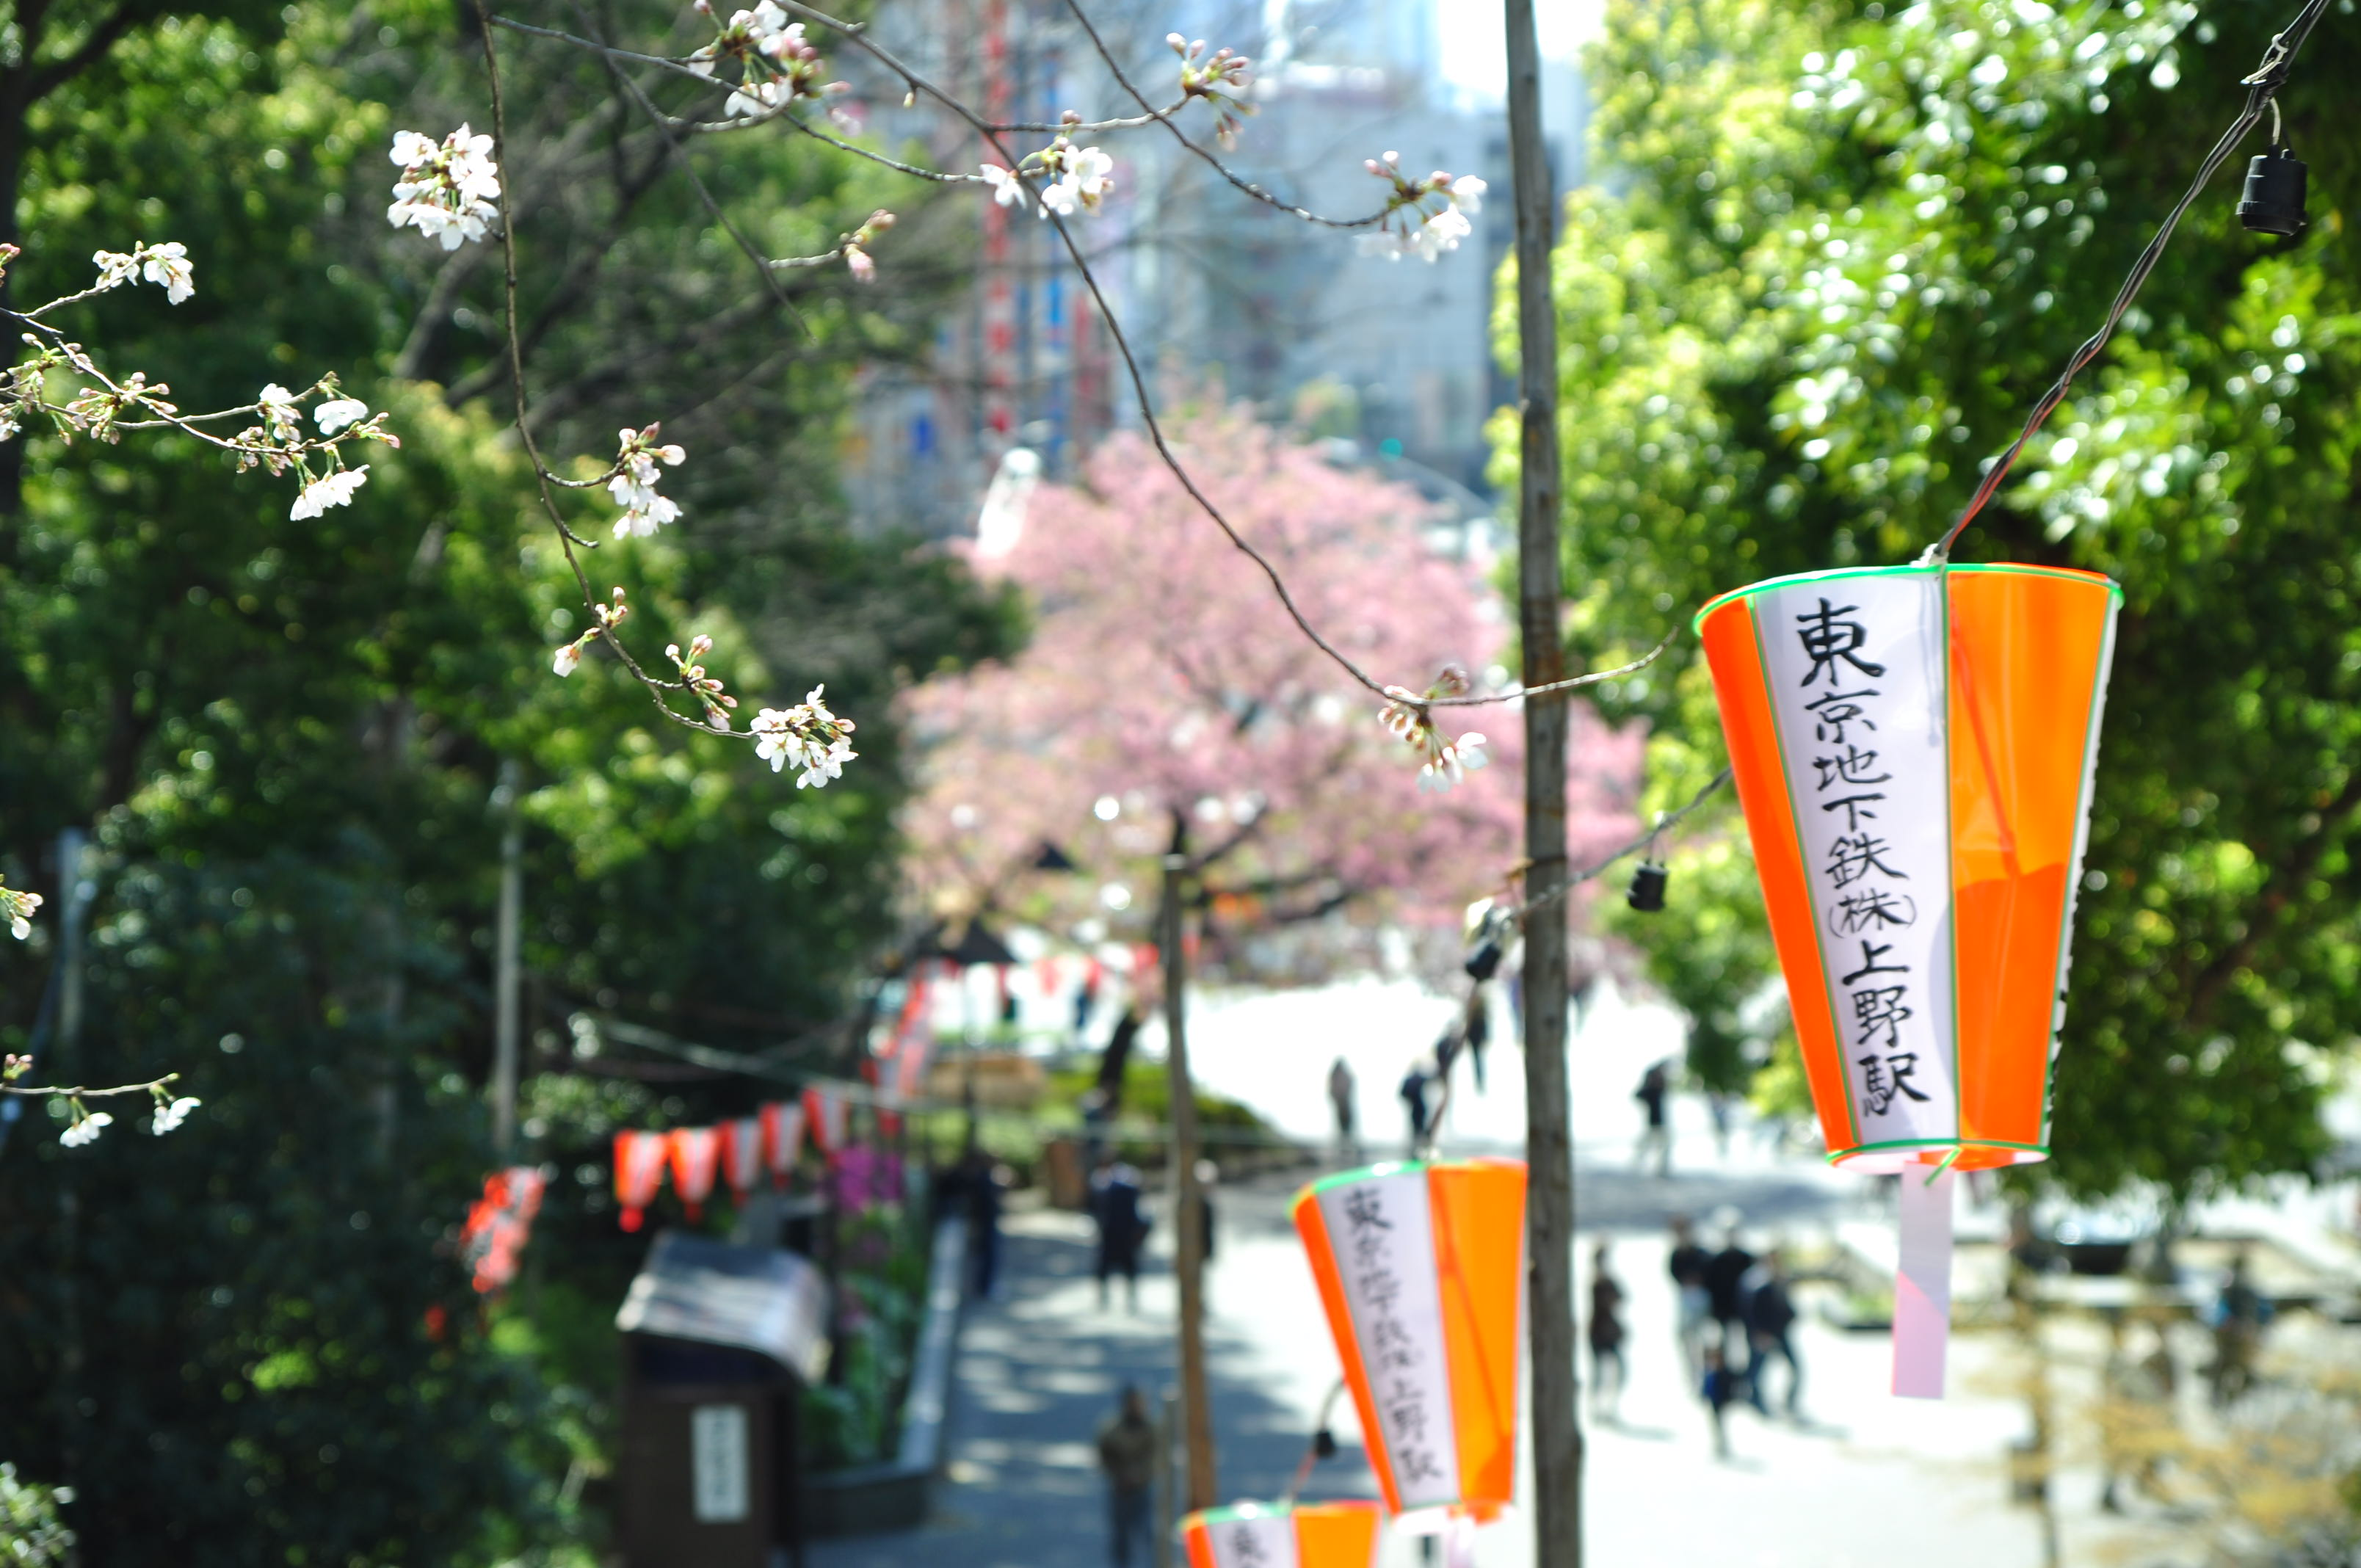 2013.03.21 淺草-上野-銀座-台場 (258).JPG